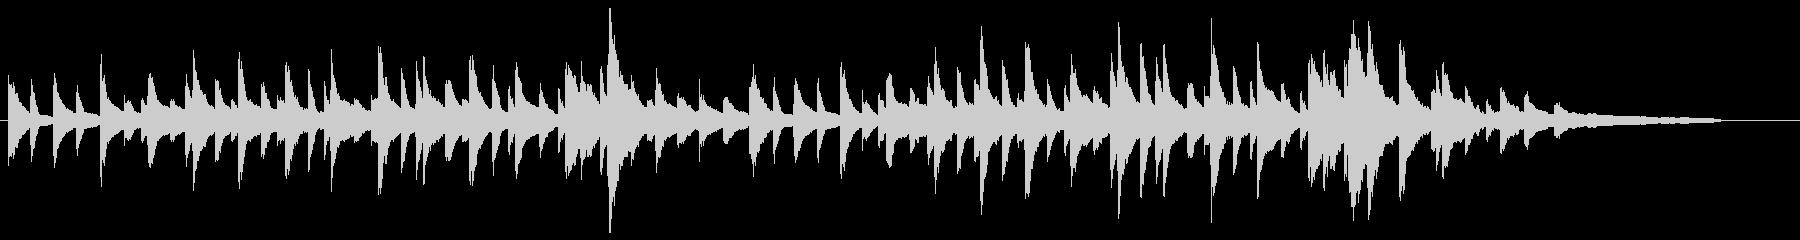 穏やかなピアノソロ曲の未再生の波形